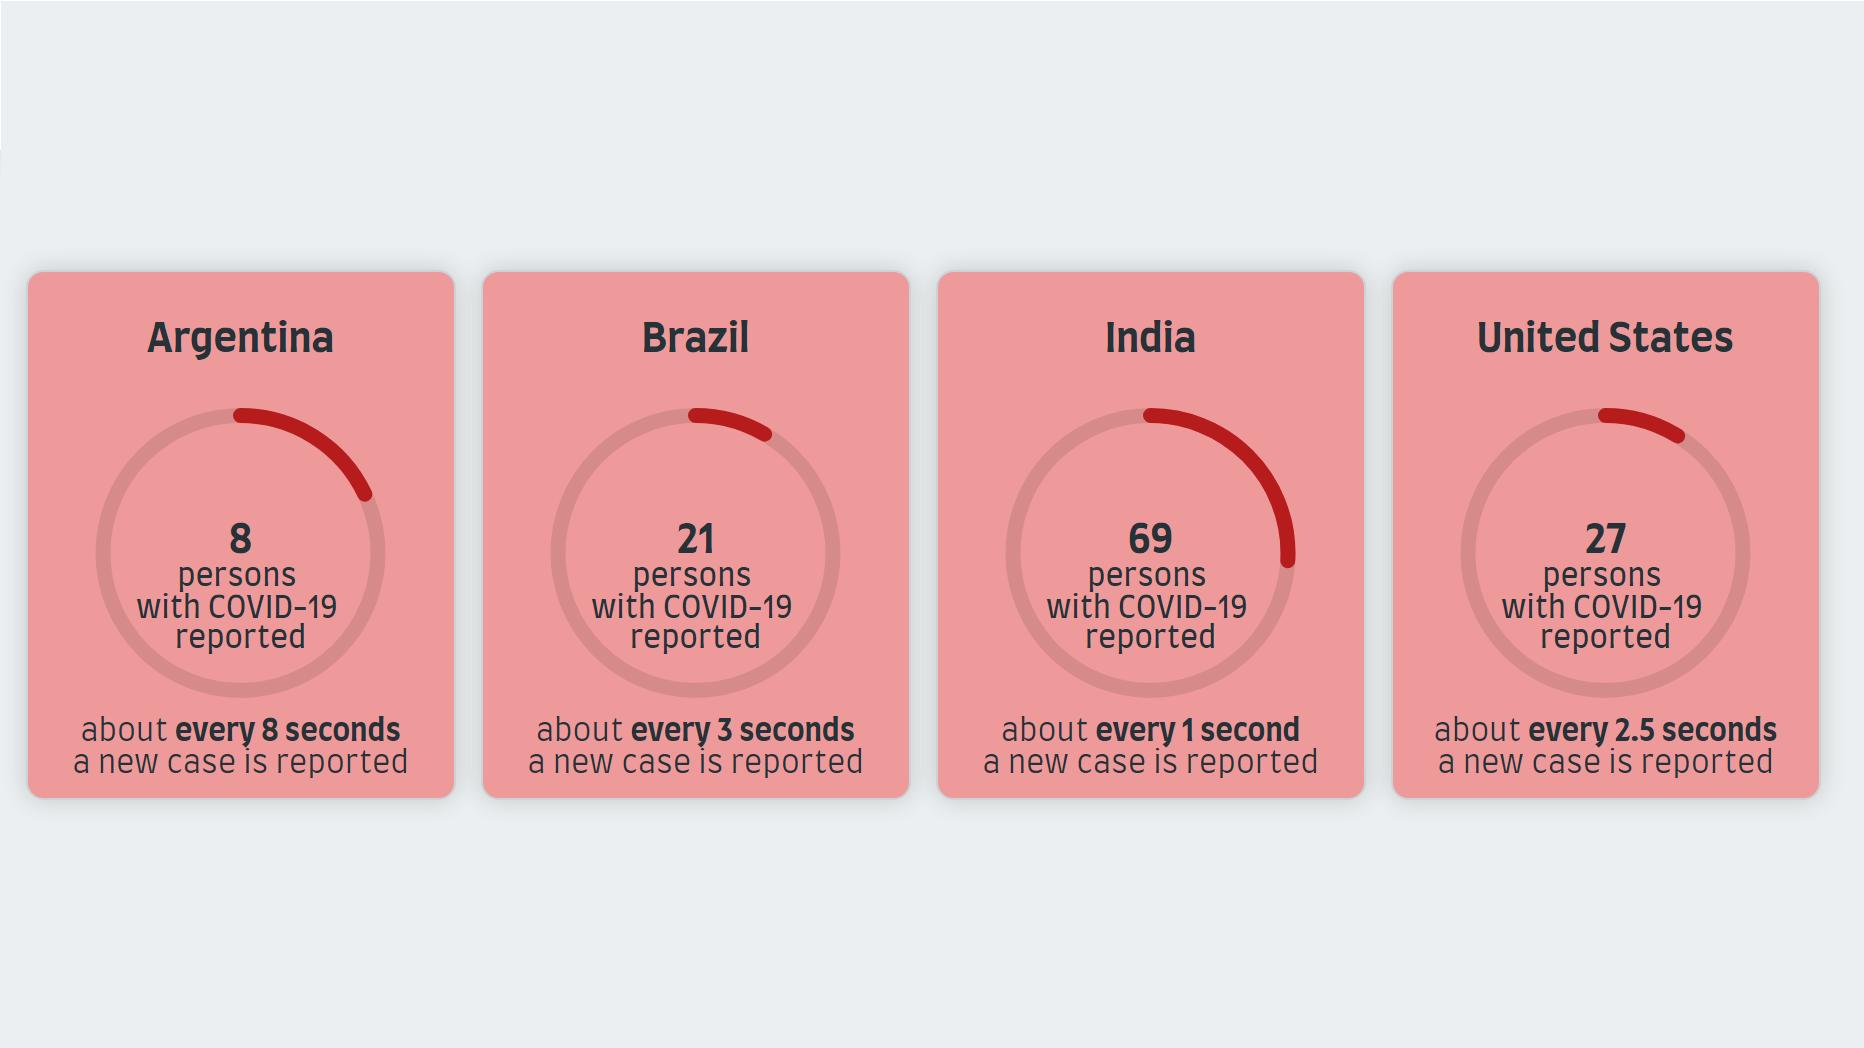 UN SITIO WEB MUESTRA SEGUNDO A SEGUNDO CÓMO SE PROPAGA EL CORONAVIRUS